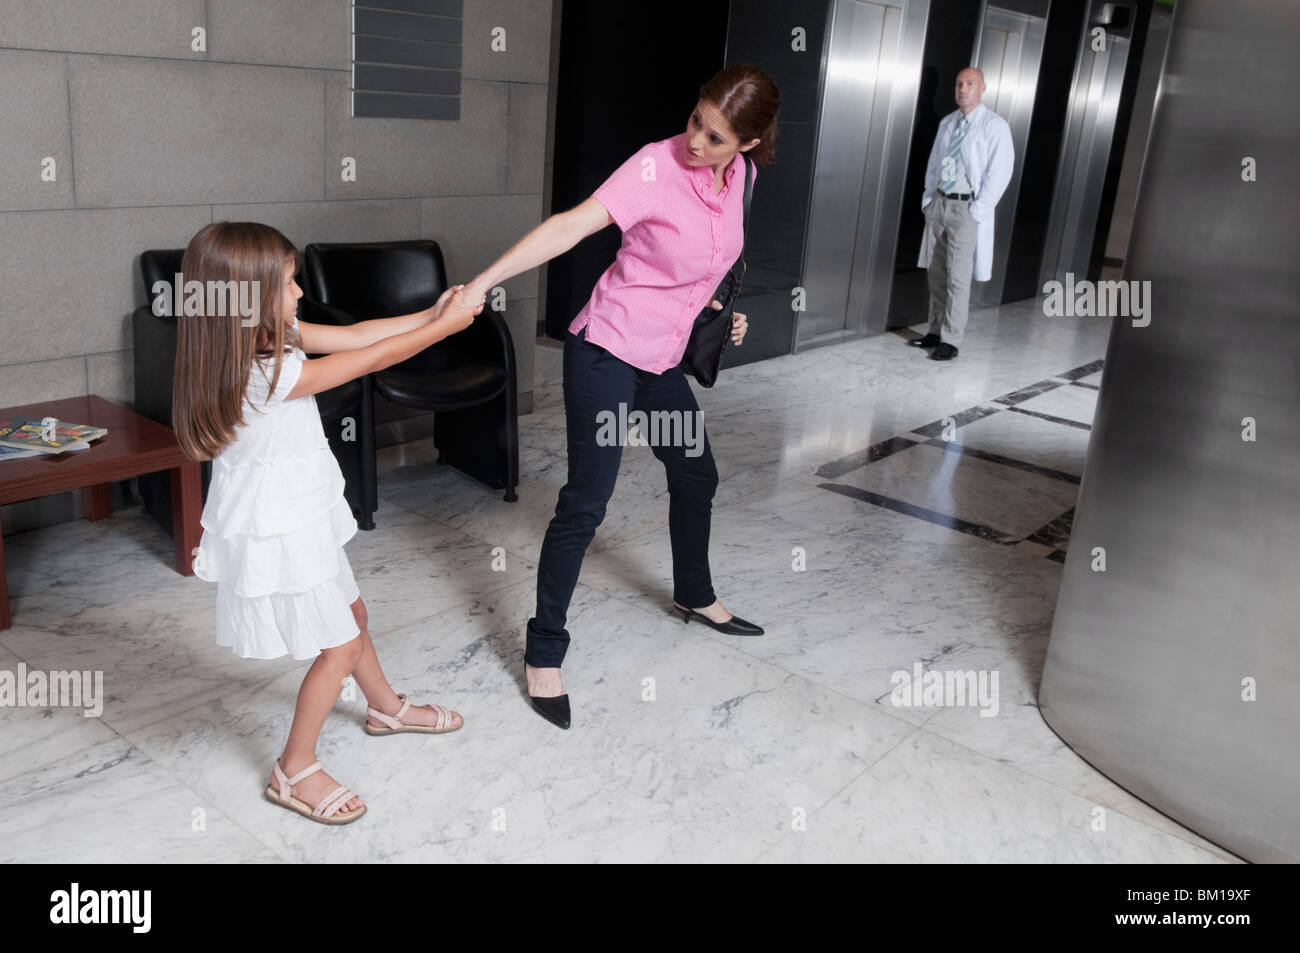 Chica tirando a su madre en un hospital Imagen De Stock